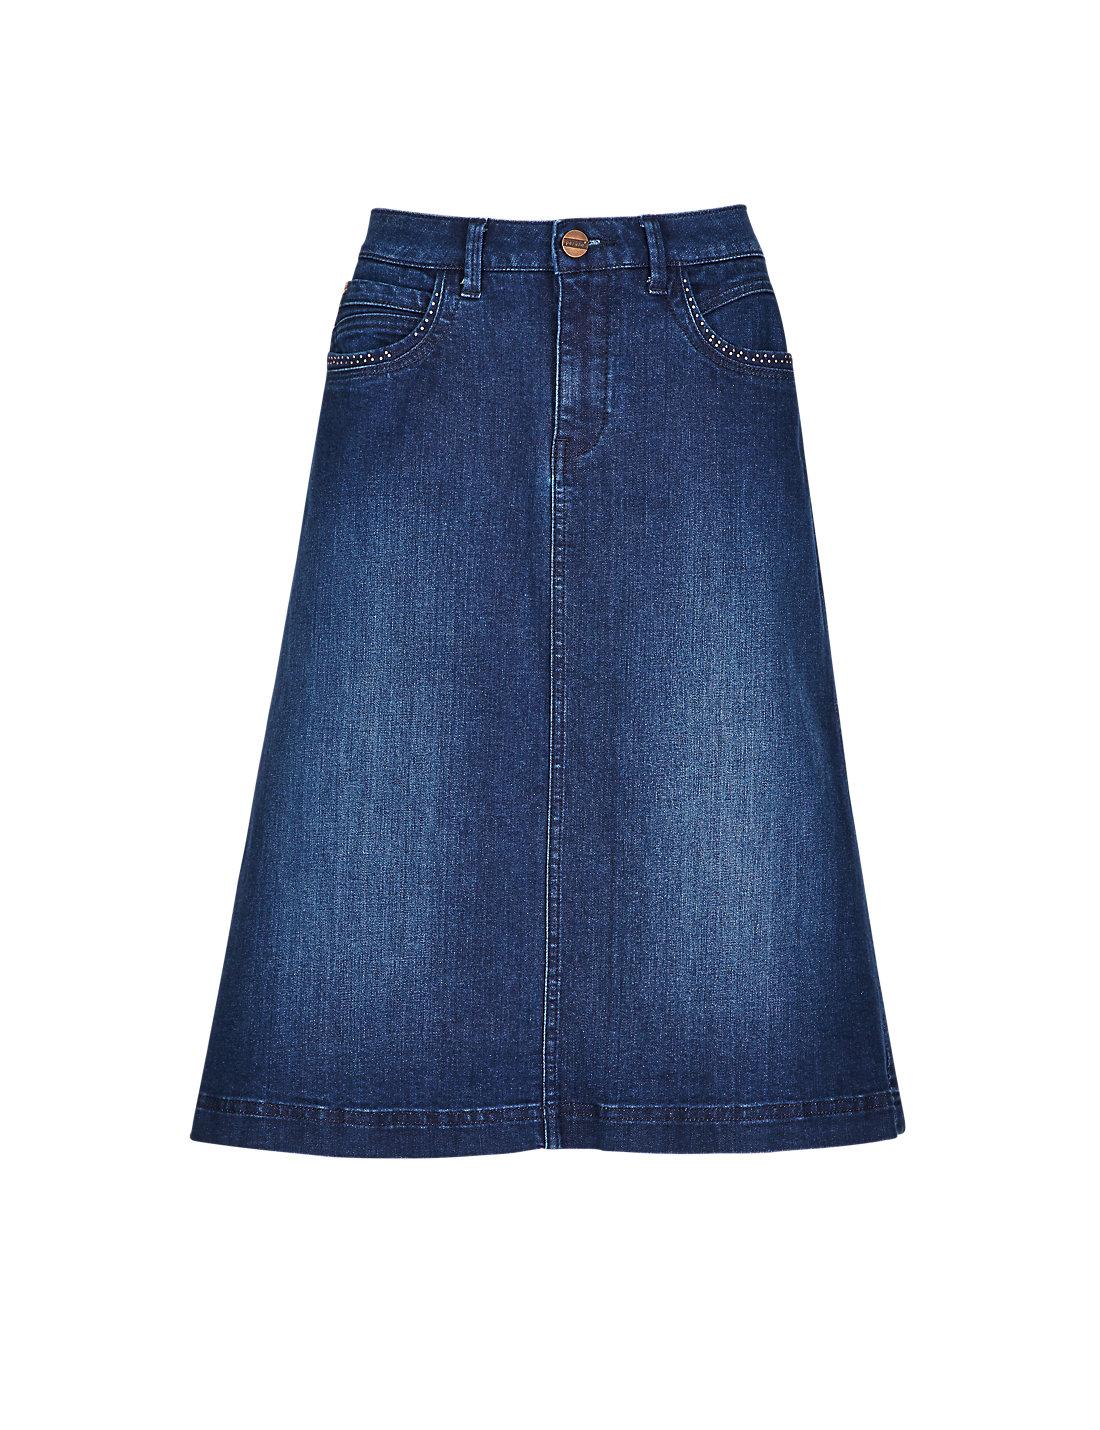 m and s denim skirt skirt ify